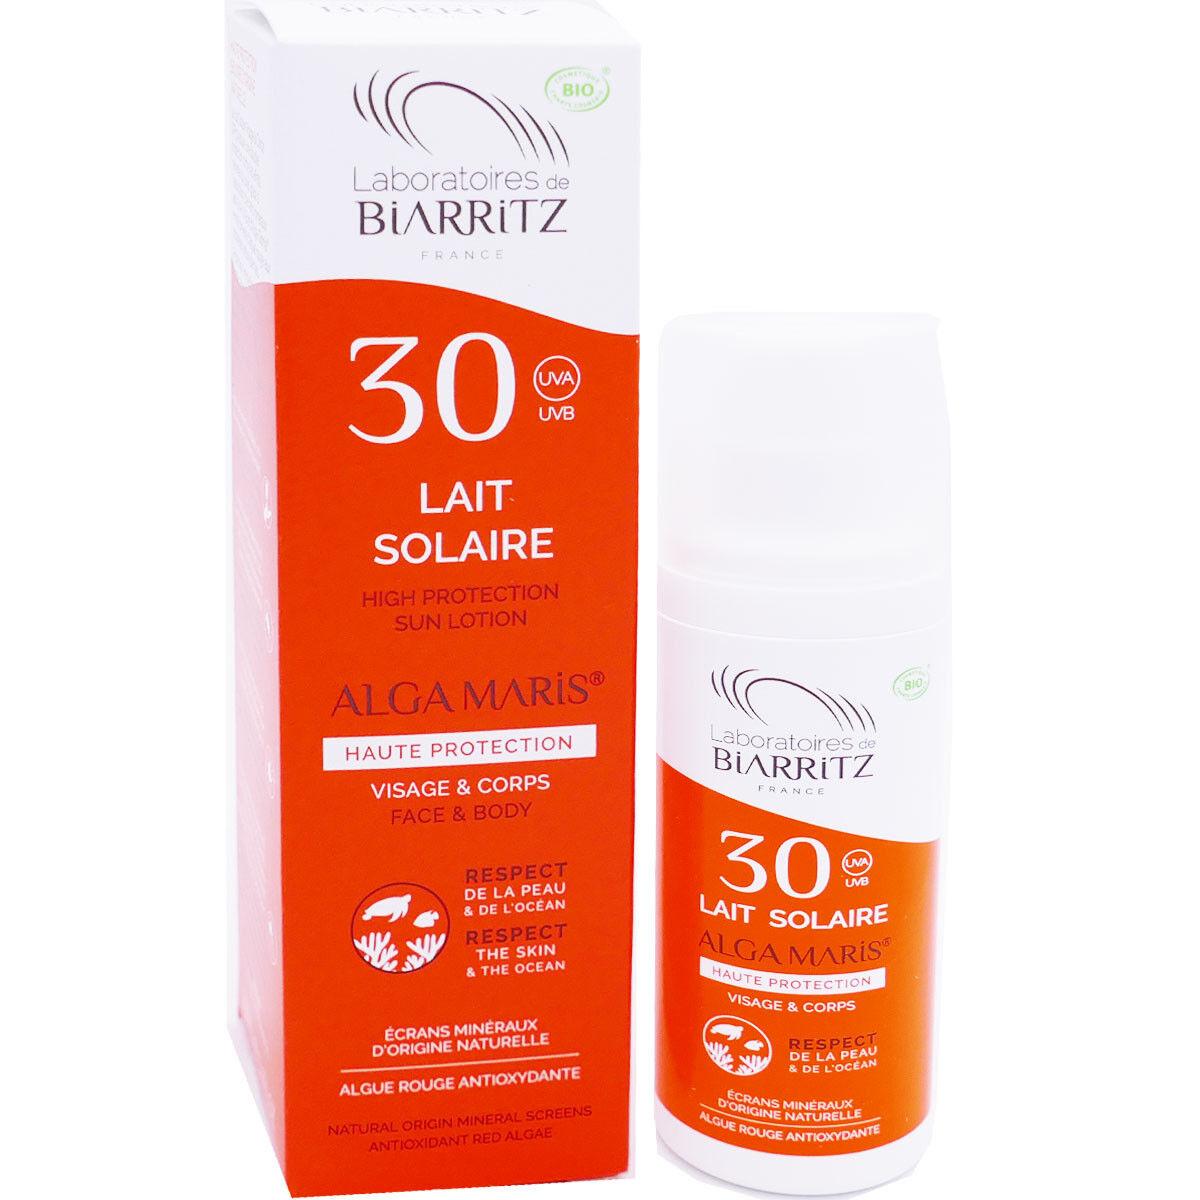 Biarritz lait solaire 30 alga maris 100 ml bio